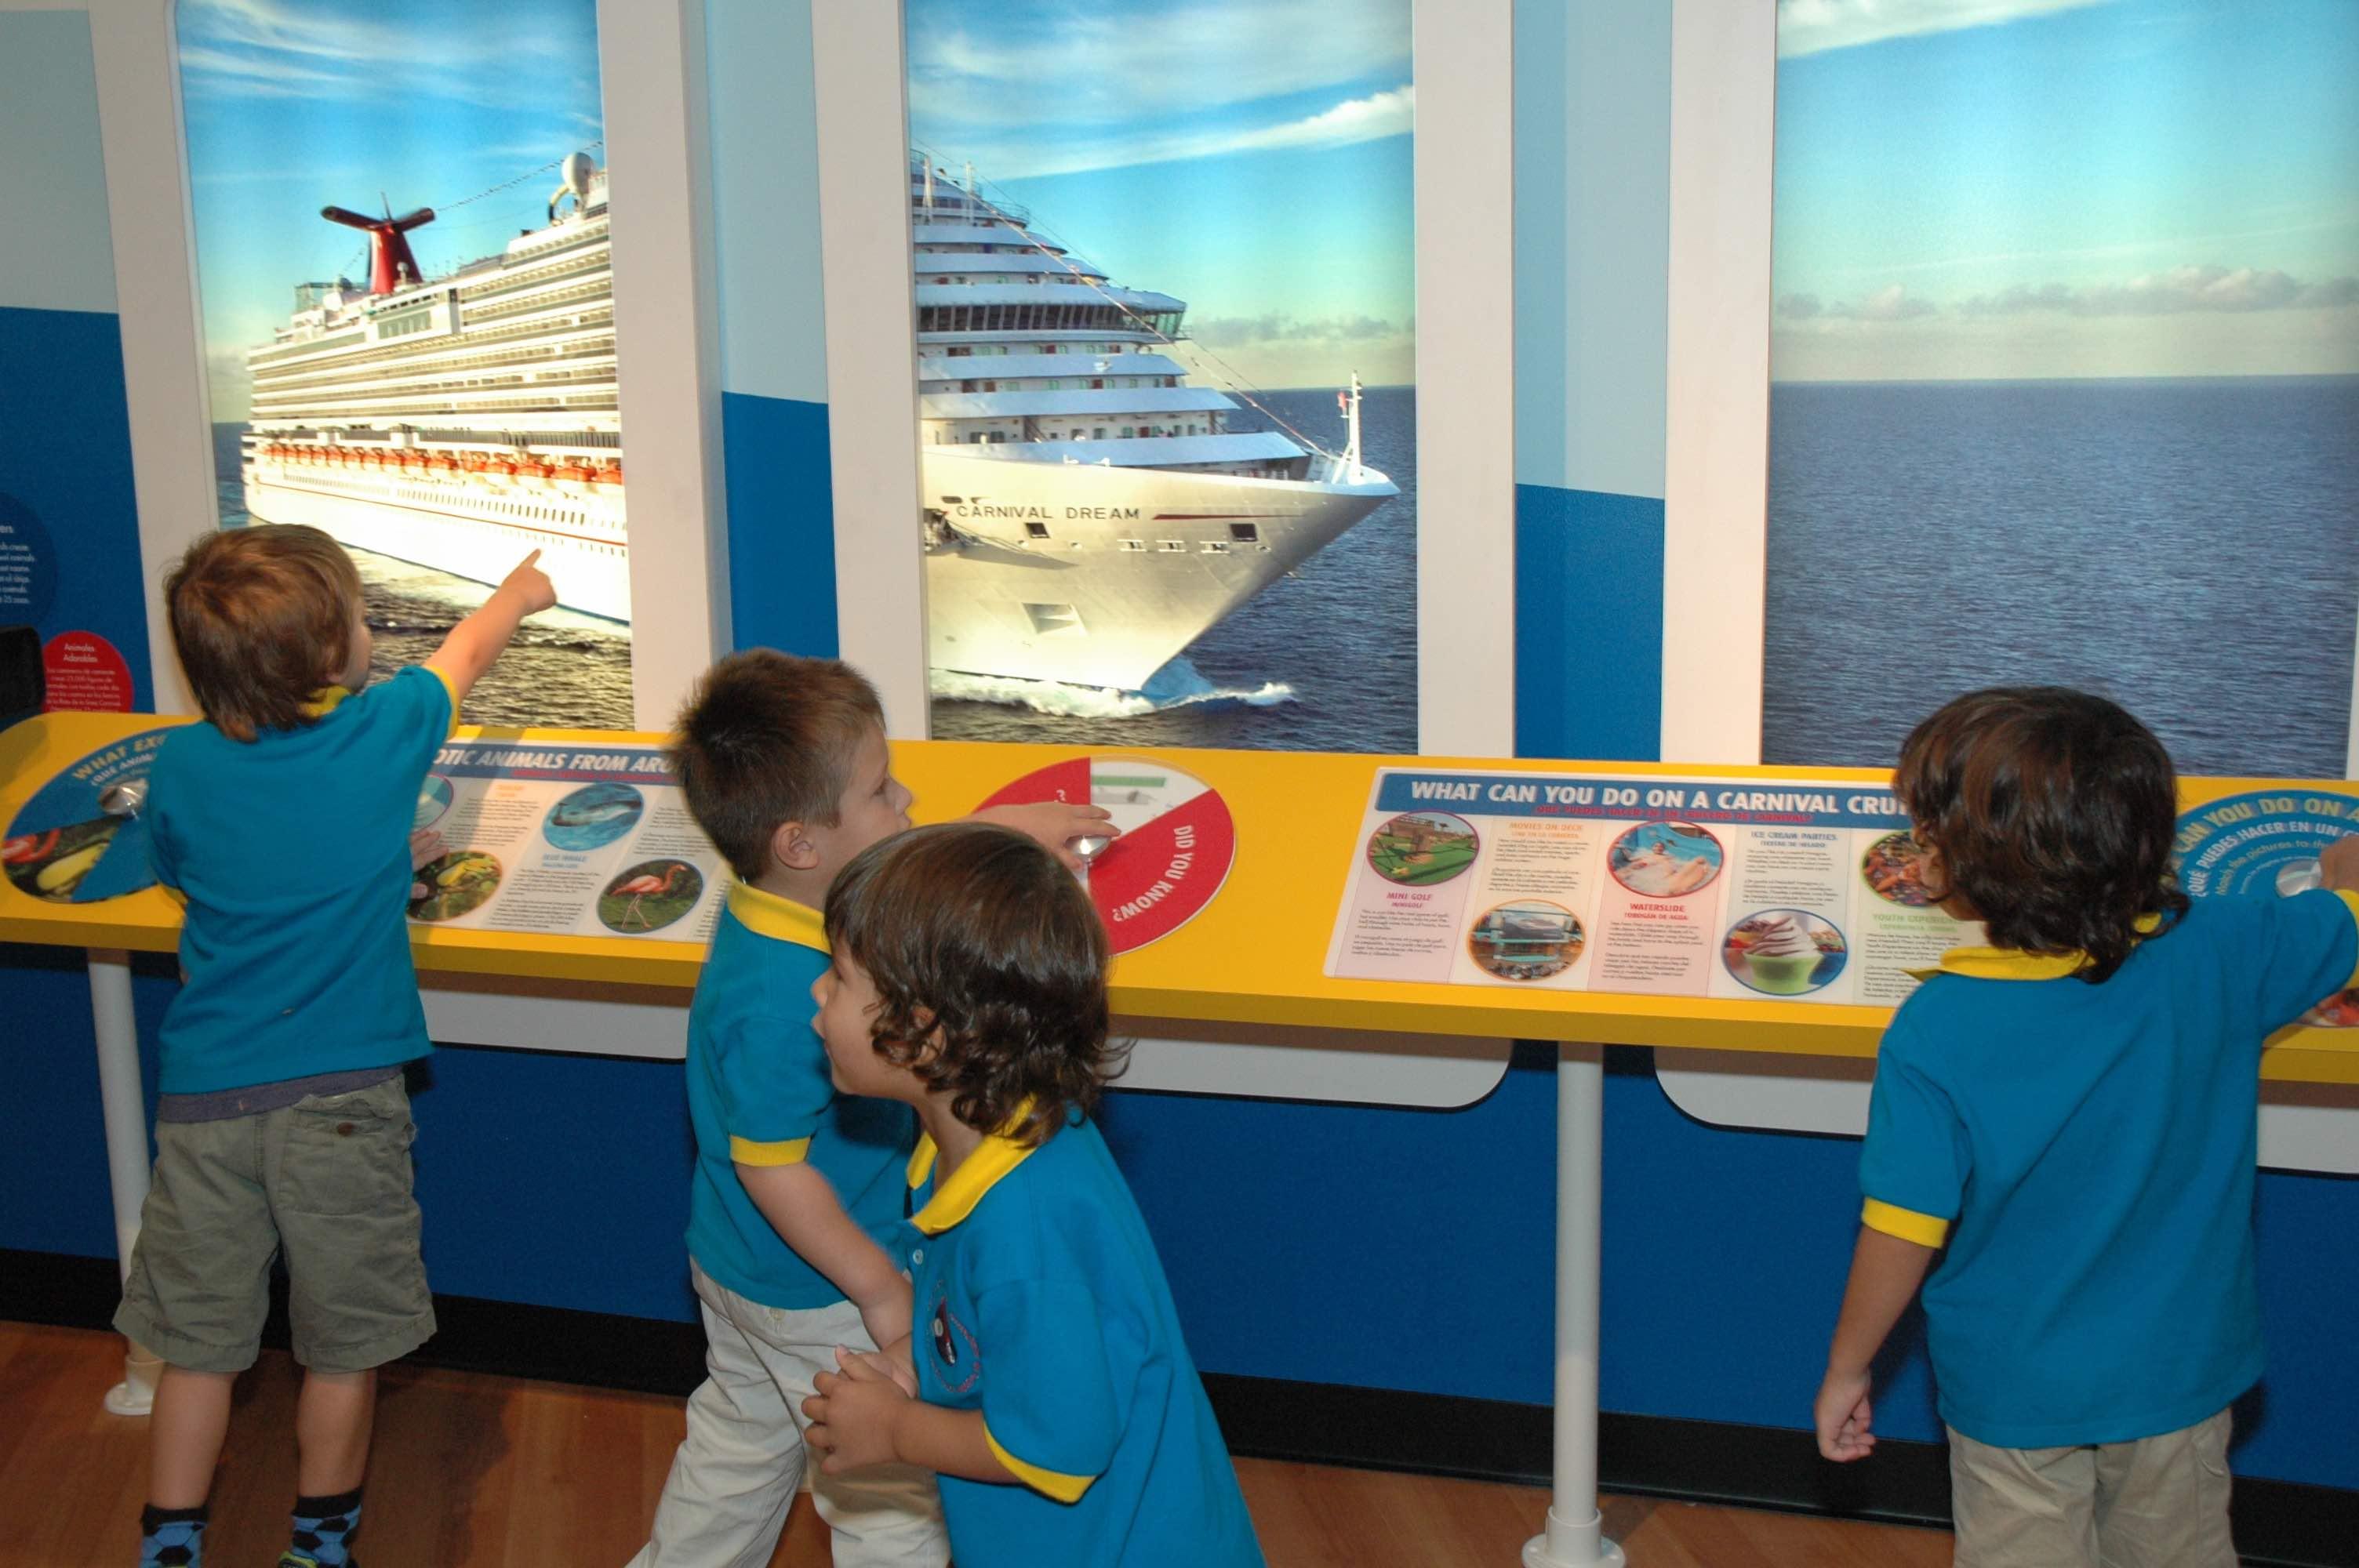 pluie children's museum que faire à Miami quand il pleut activités pur les jours de pluie à Miami pluie en floride météo miami météo floride miami beach blog miami off road